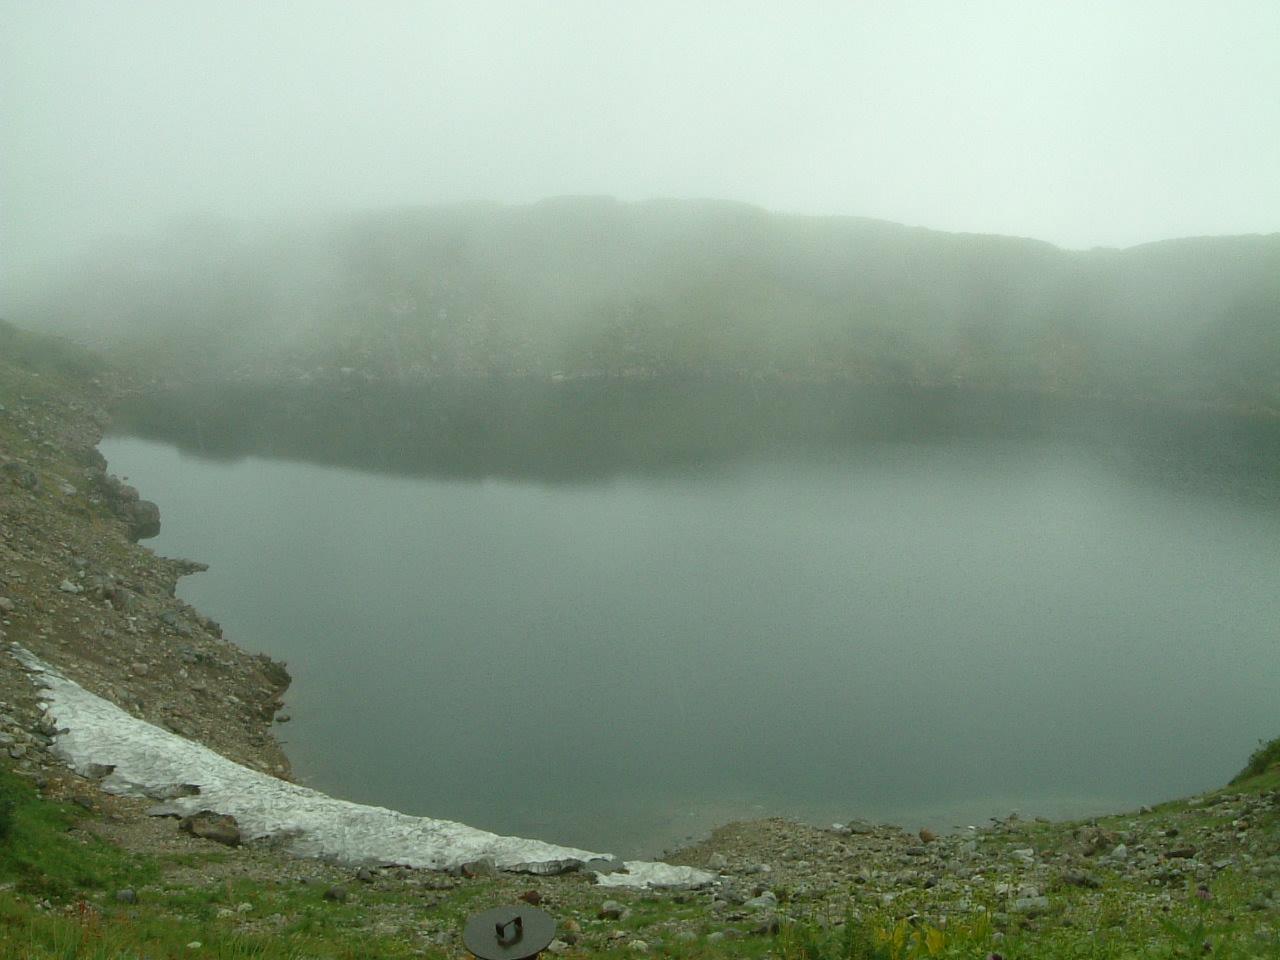 *立山黒部&高山のたび 3泊4日 ②*_e0100210_23351288.jpg